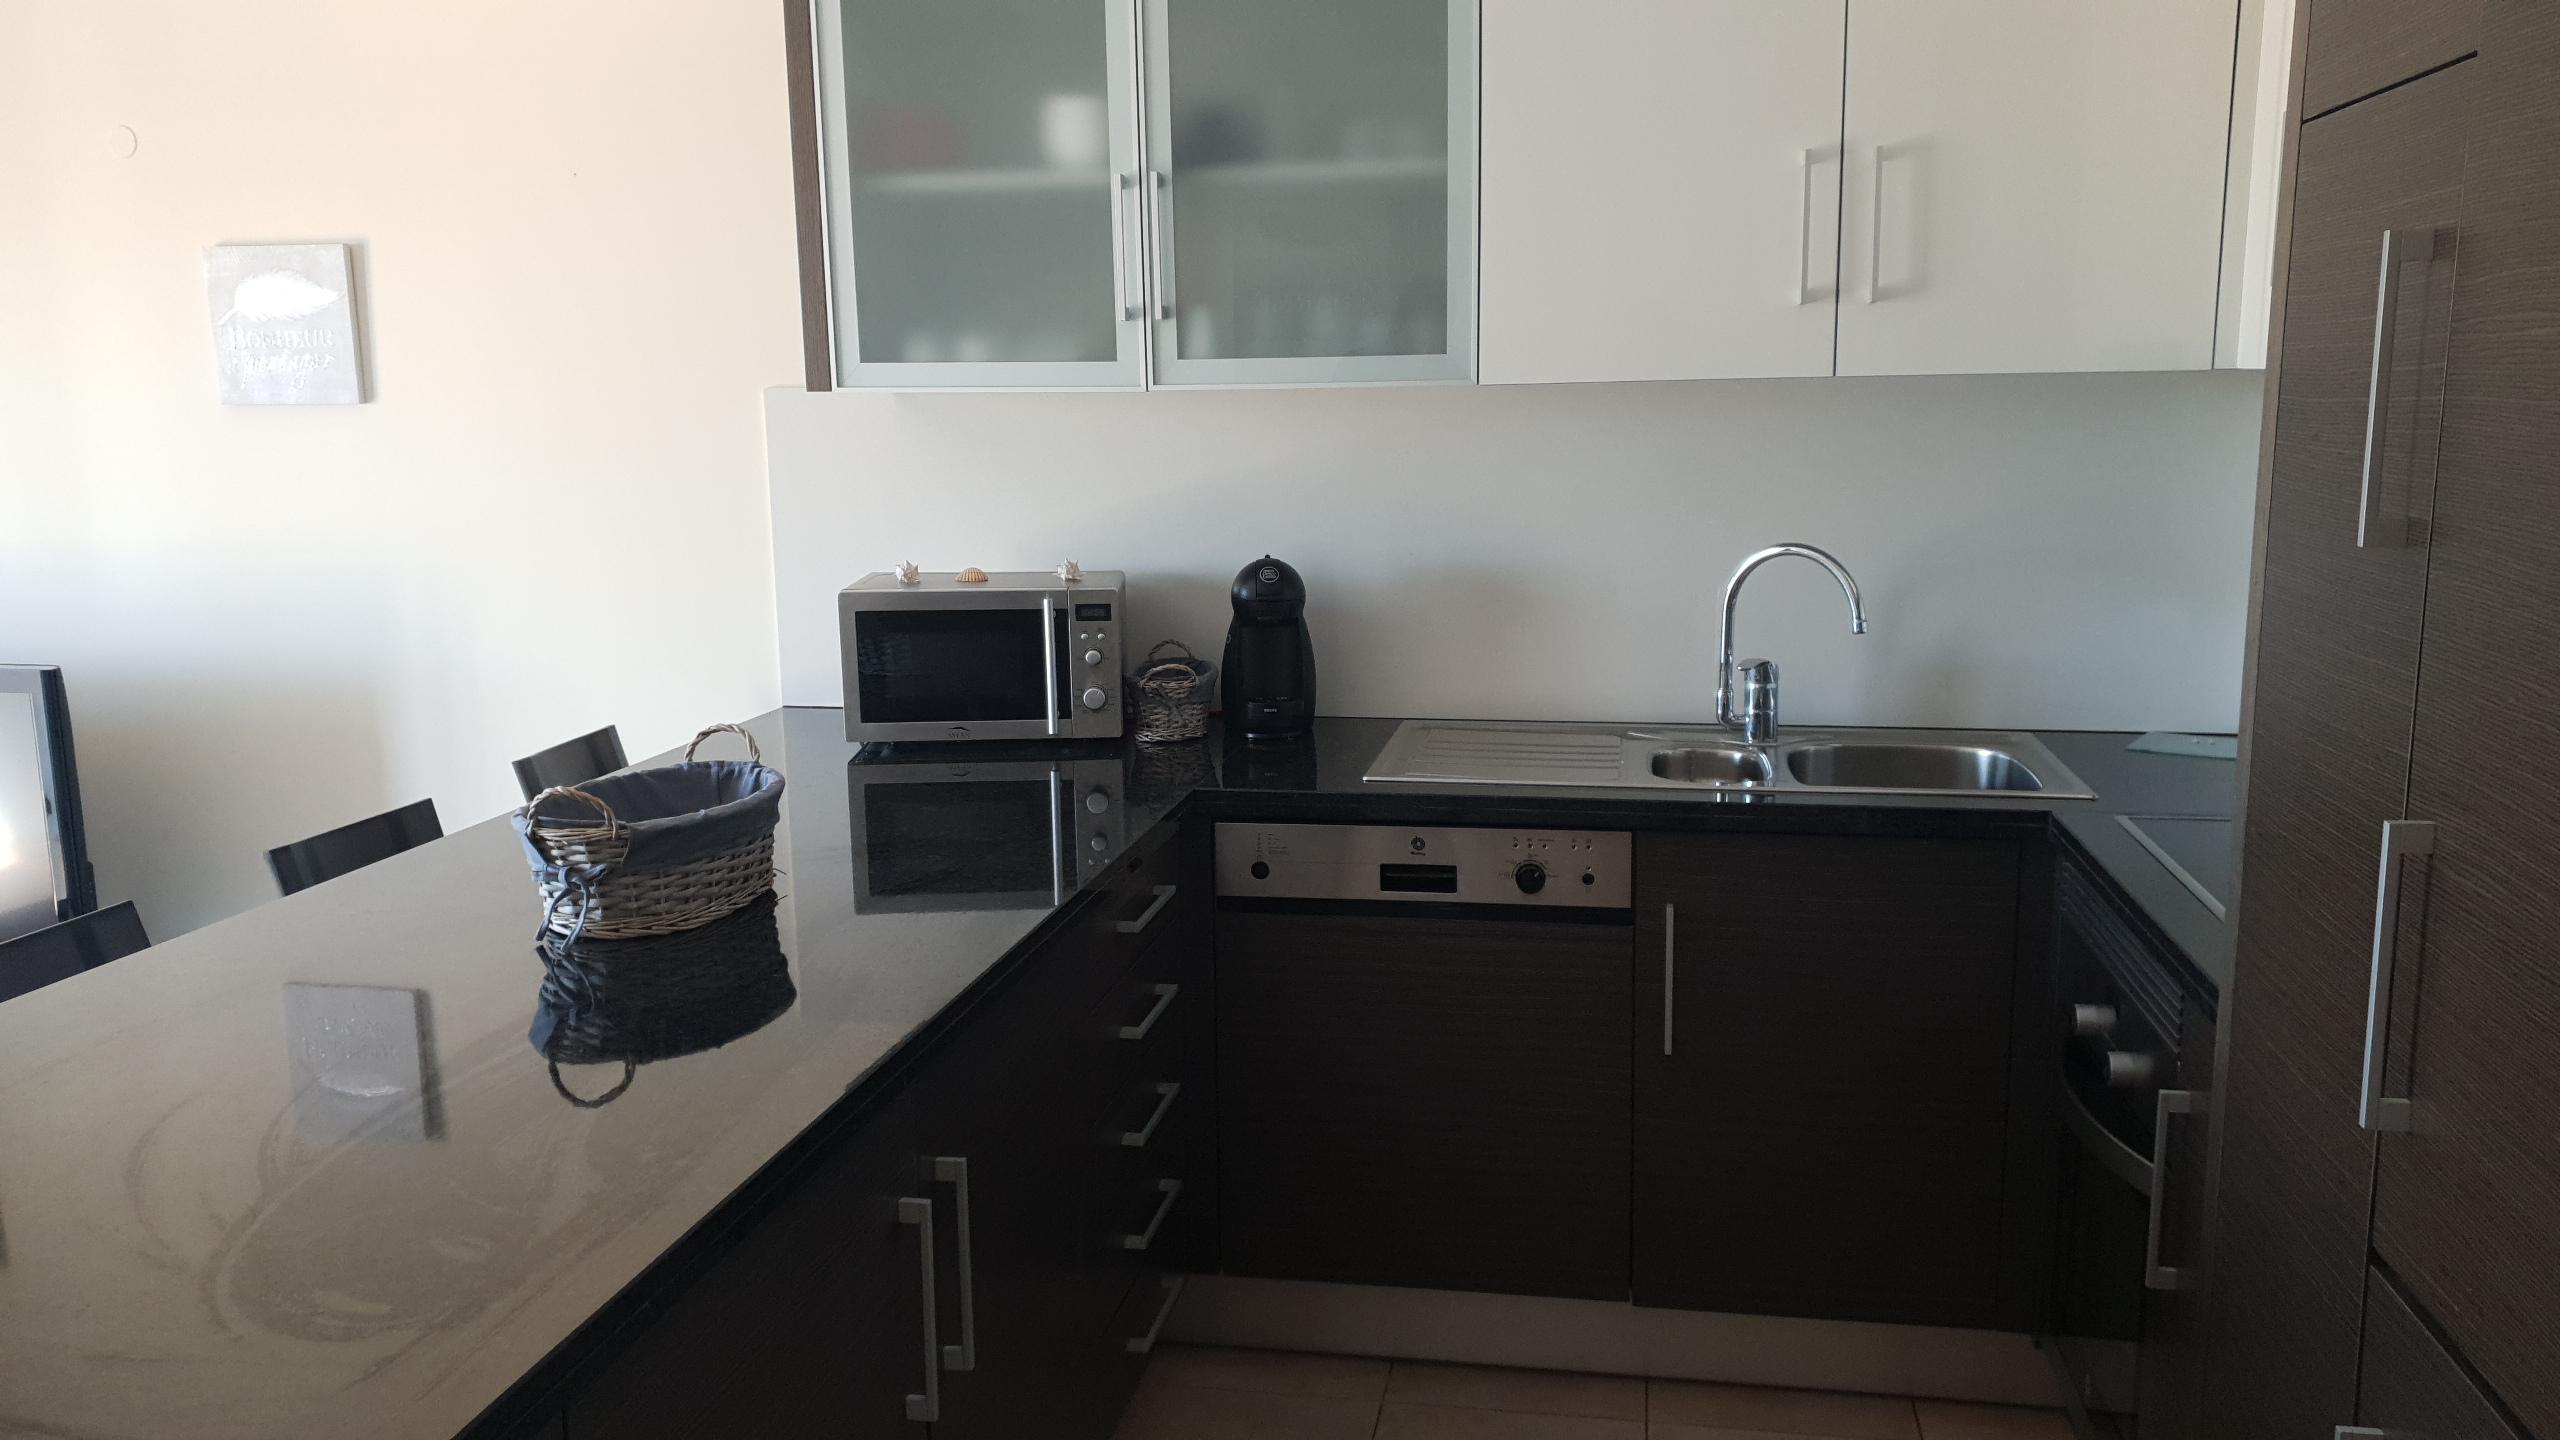 Location appartements et villas de vacance, T1 Olhos de agua à Albufeira, Portugal Algarve, REF_IMG_10004_10009